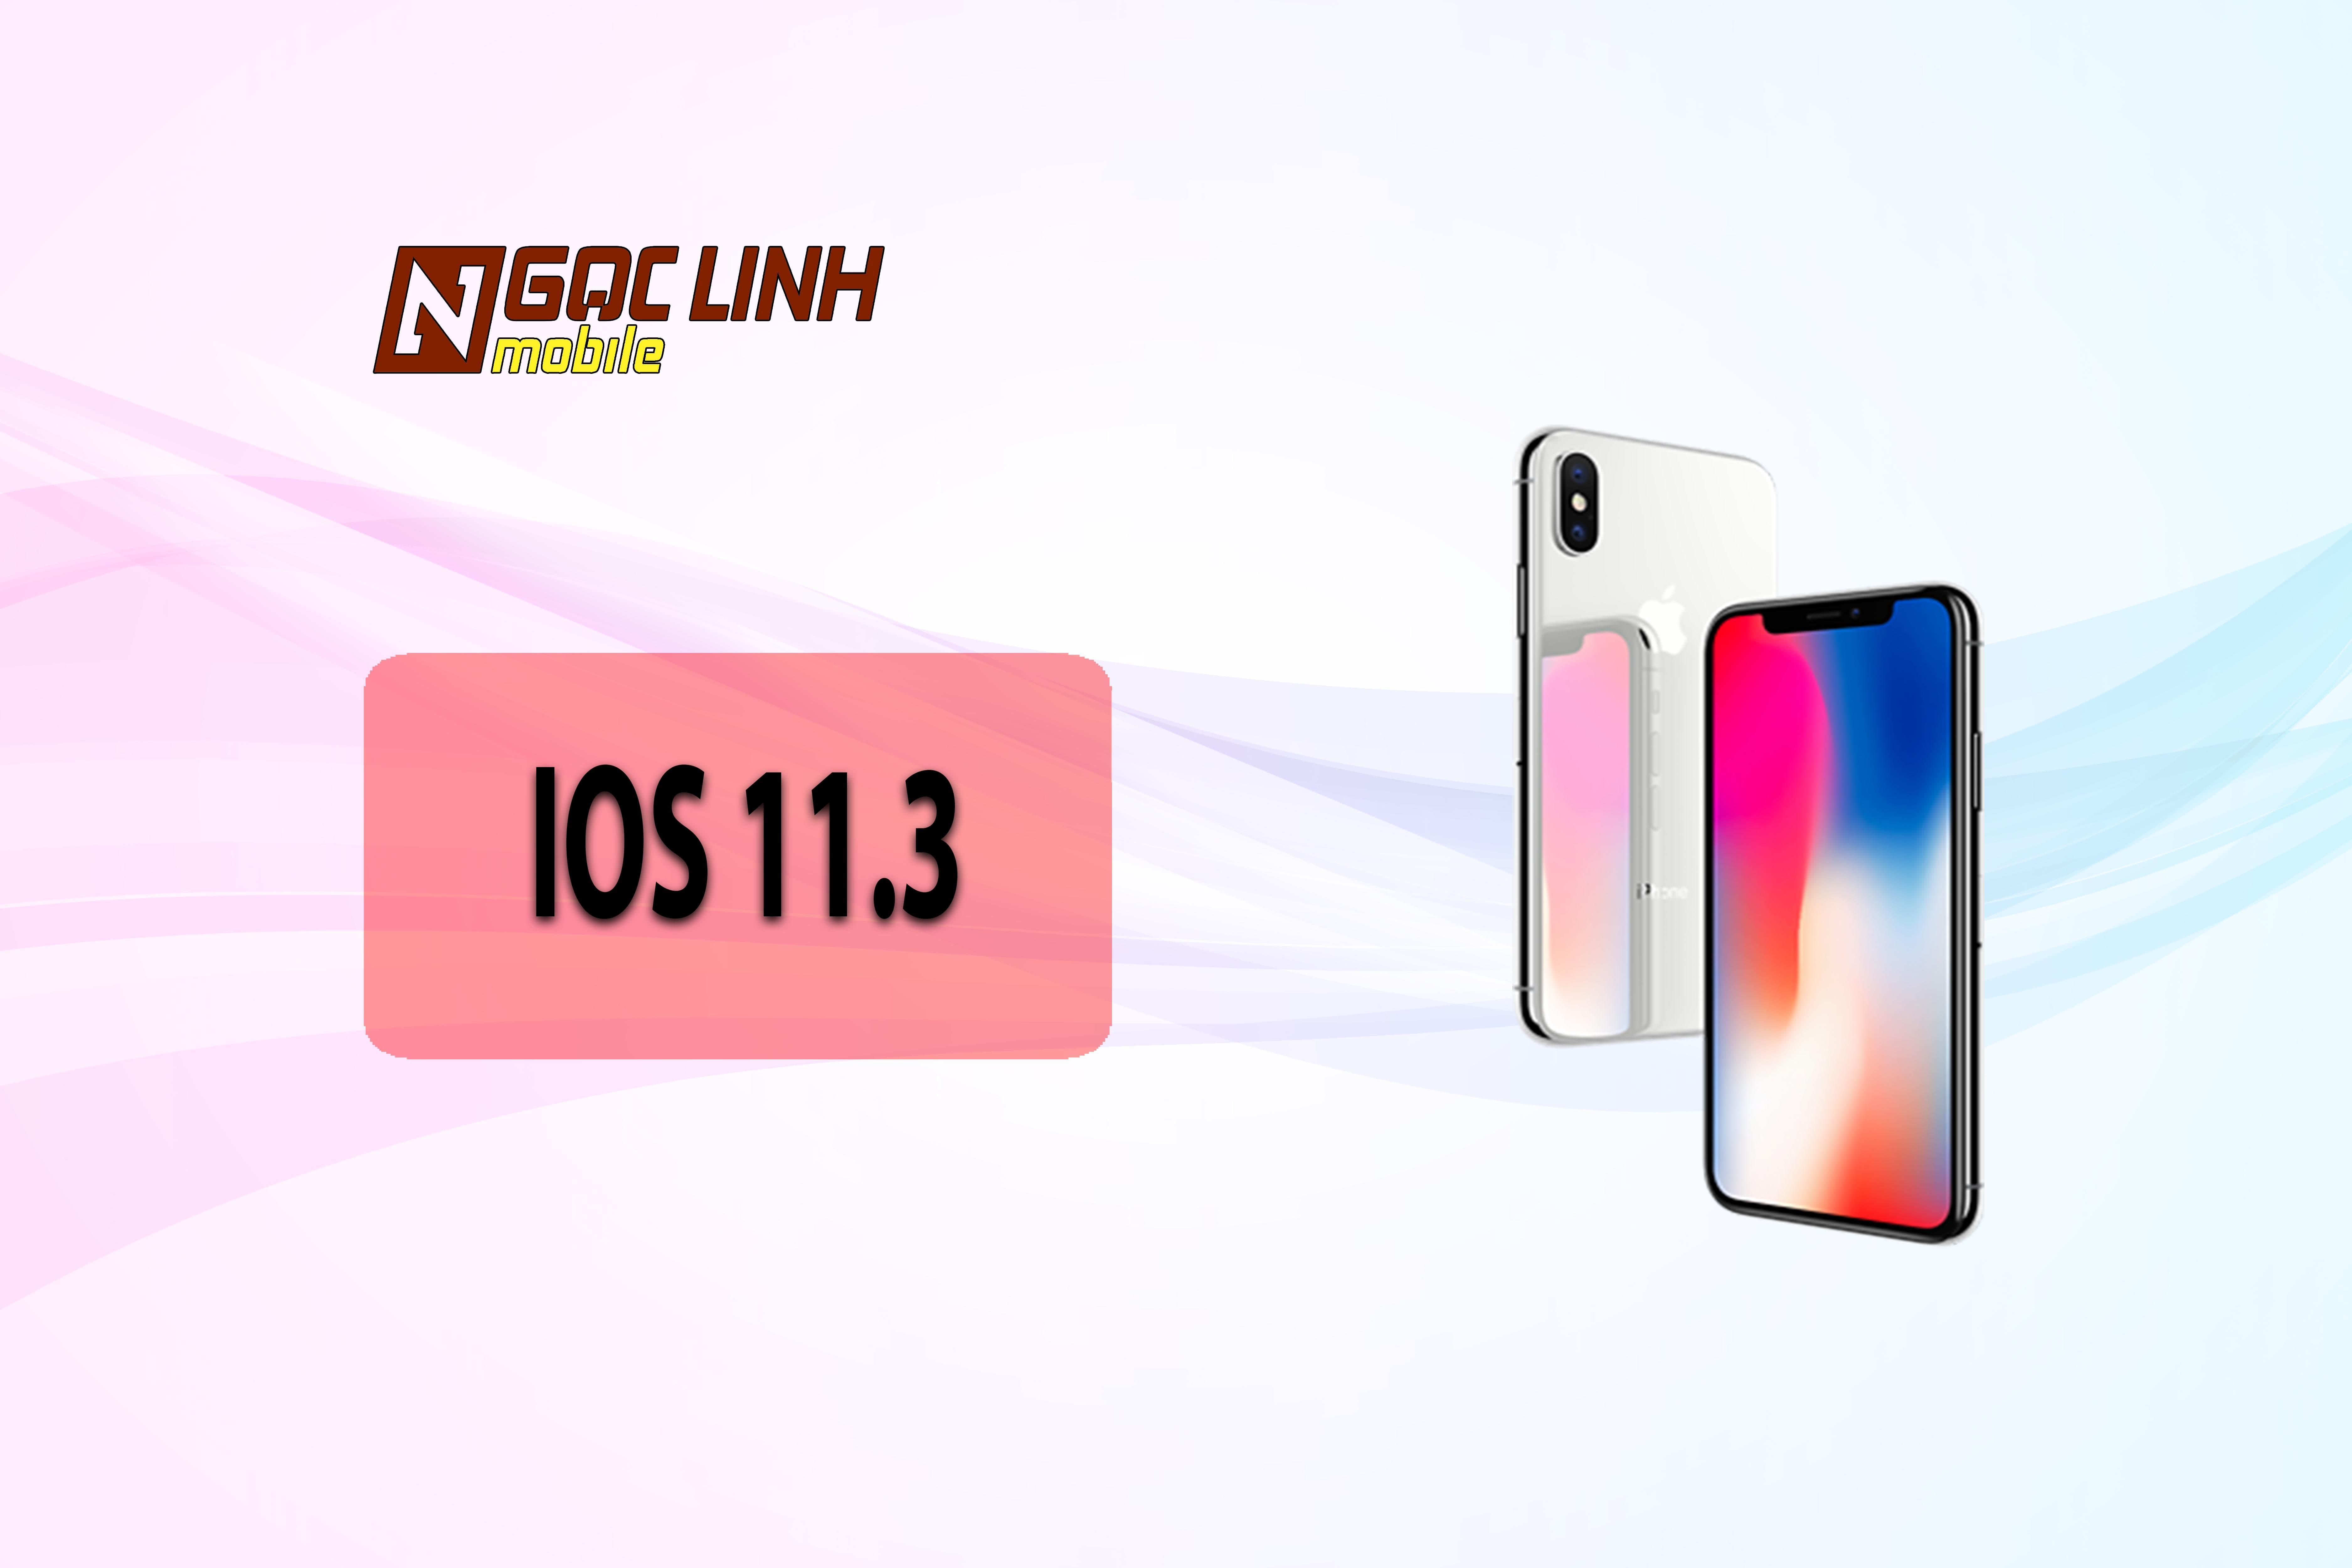 ios 11.3 iOS 11.3 - iOS 11.3 phát hành với hi vọng sẽ Fix các lỗi của 11.2.6